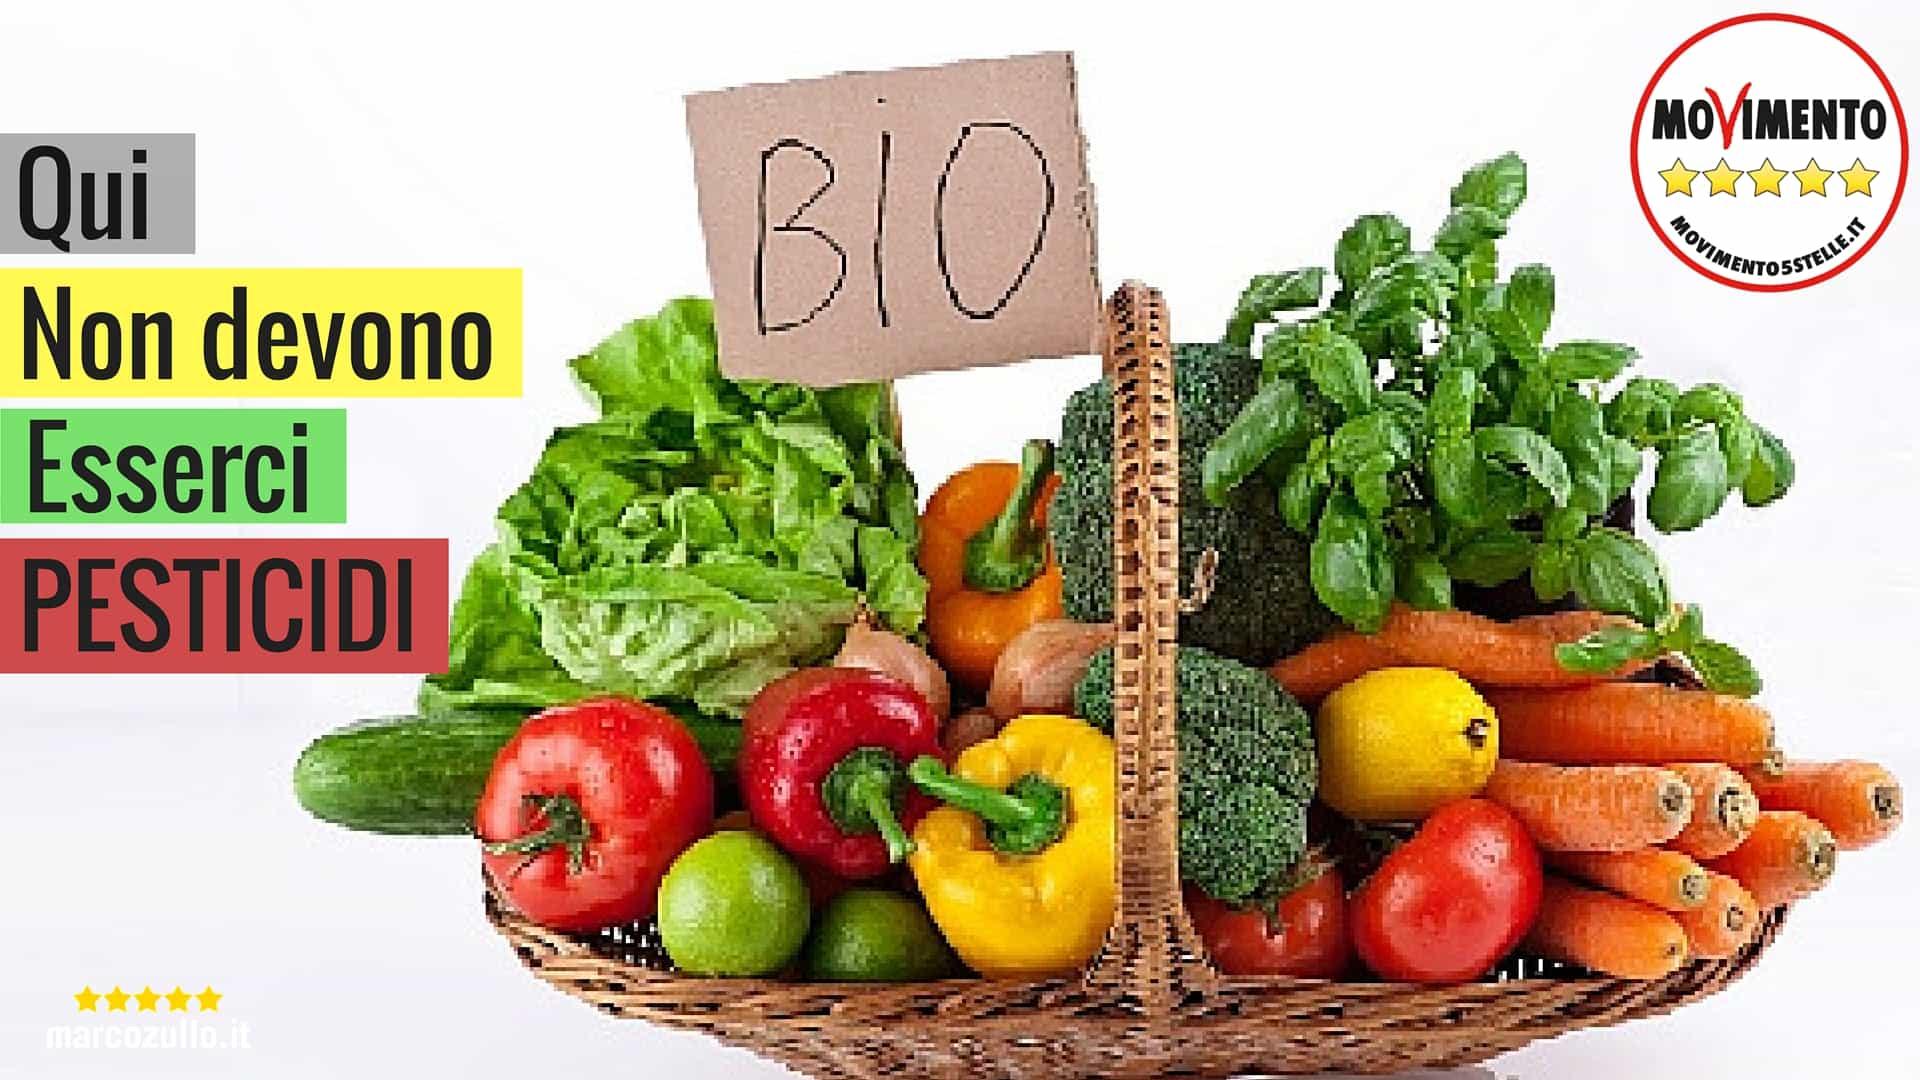 Marco Zullo M5S Europa biologico agricoltura pesticidi